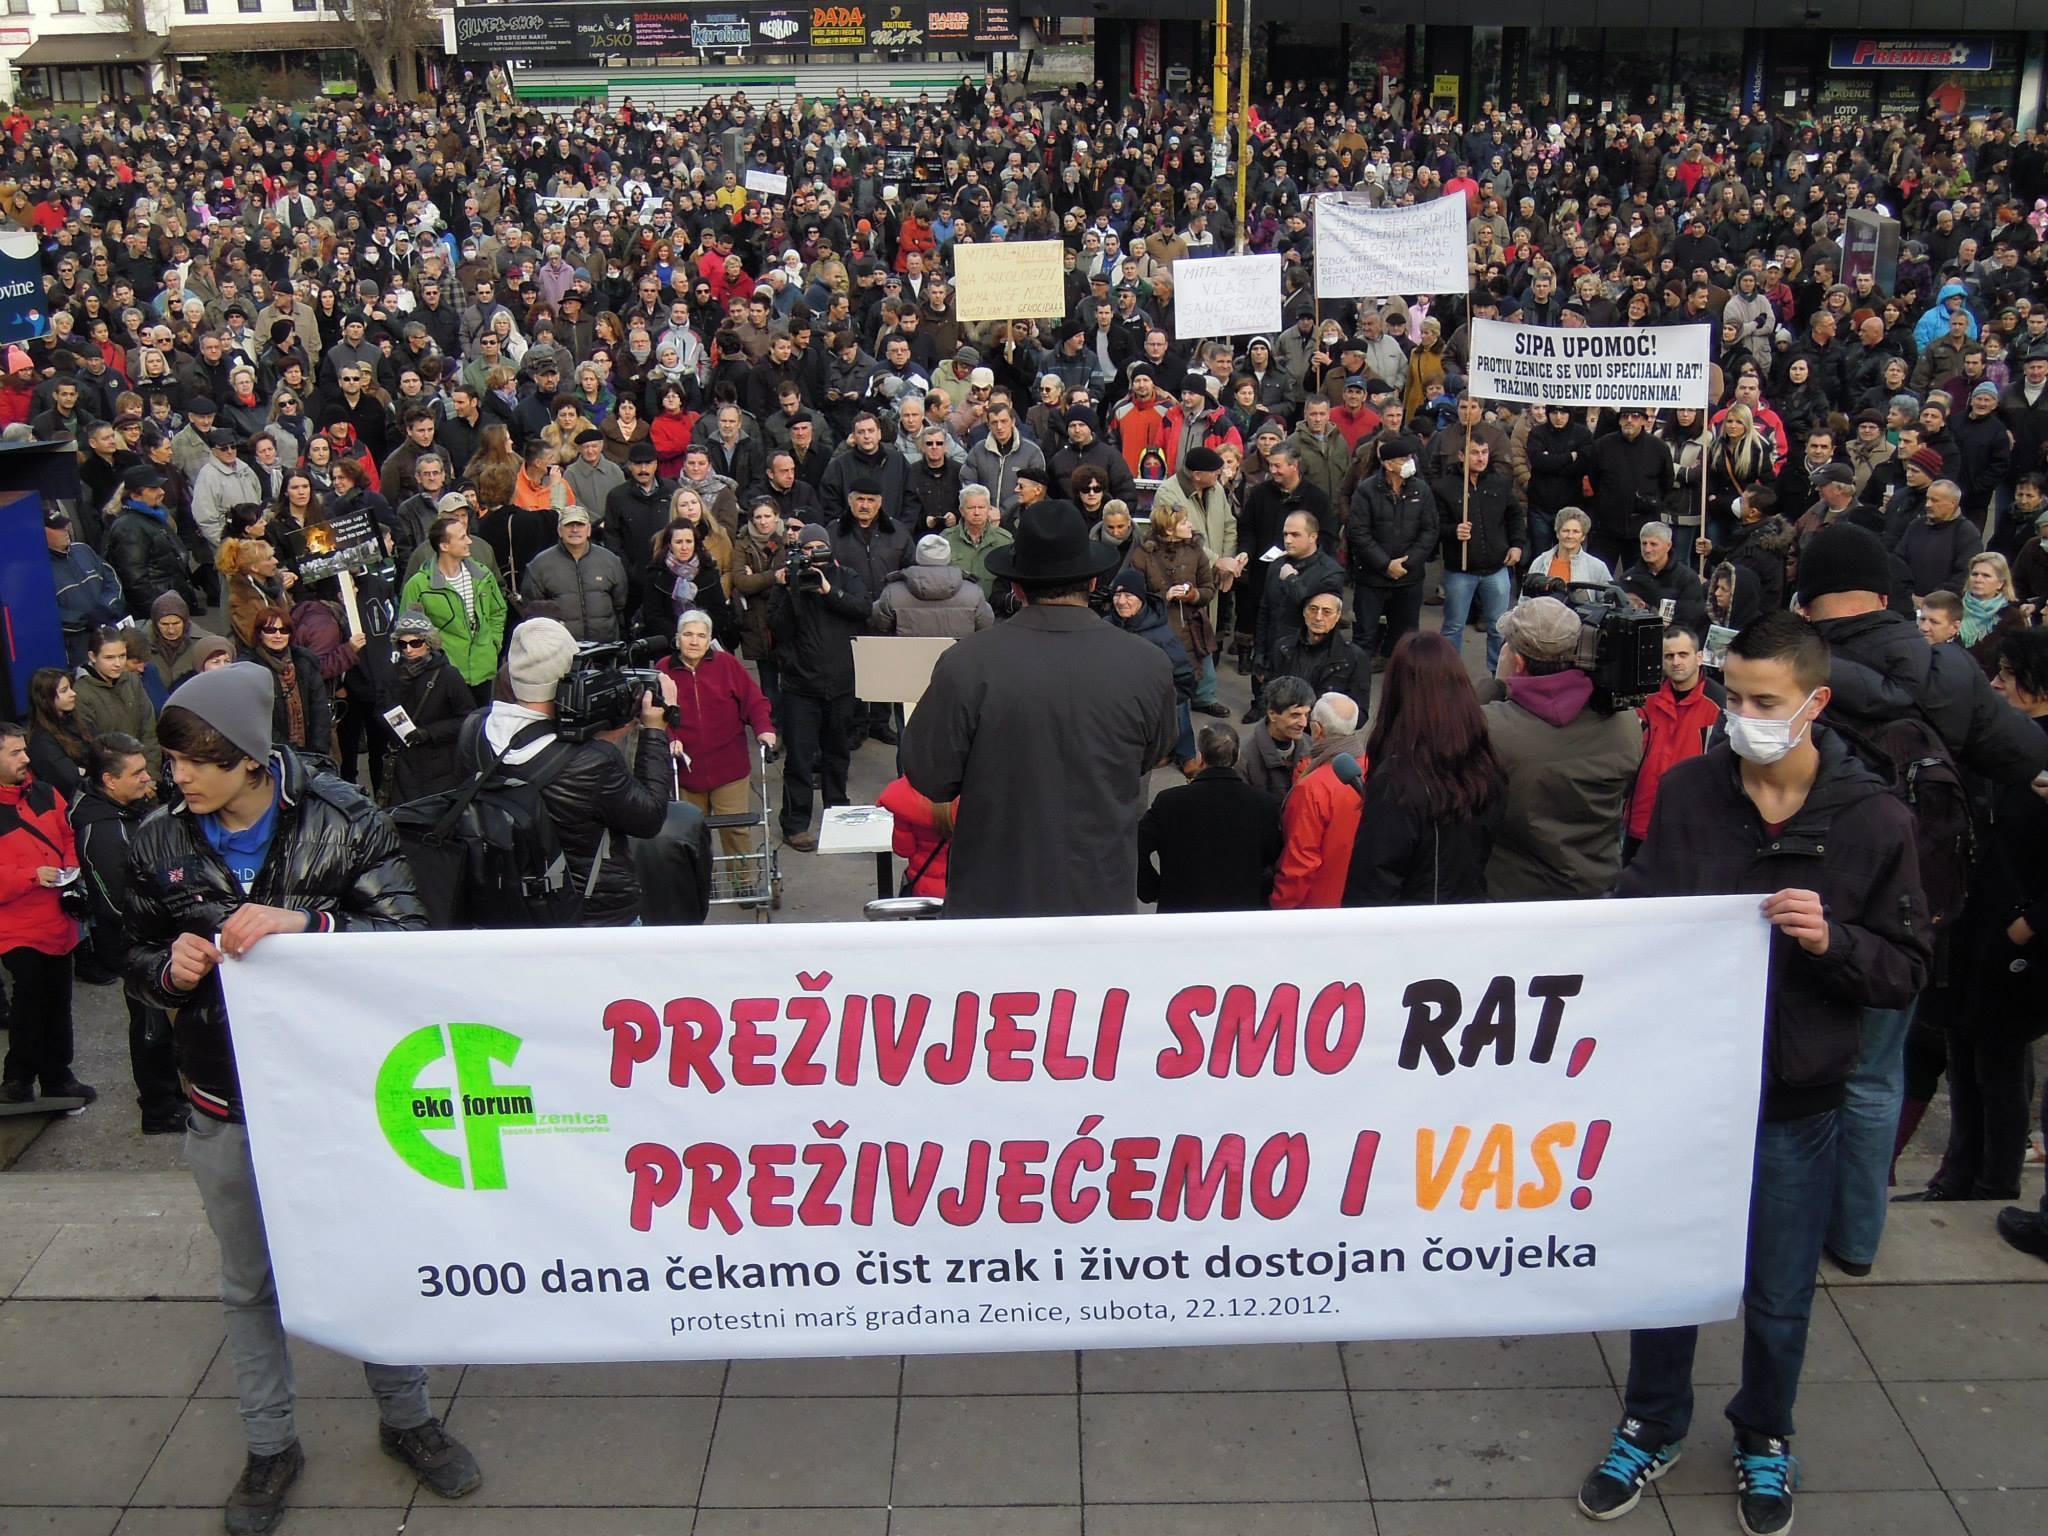 Protestni marš 22.12.2012